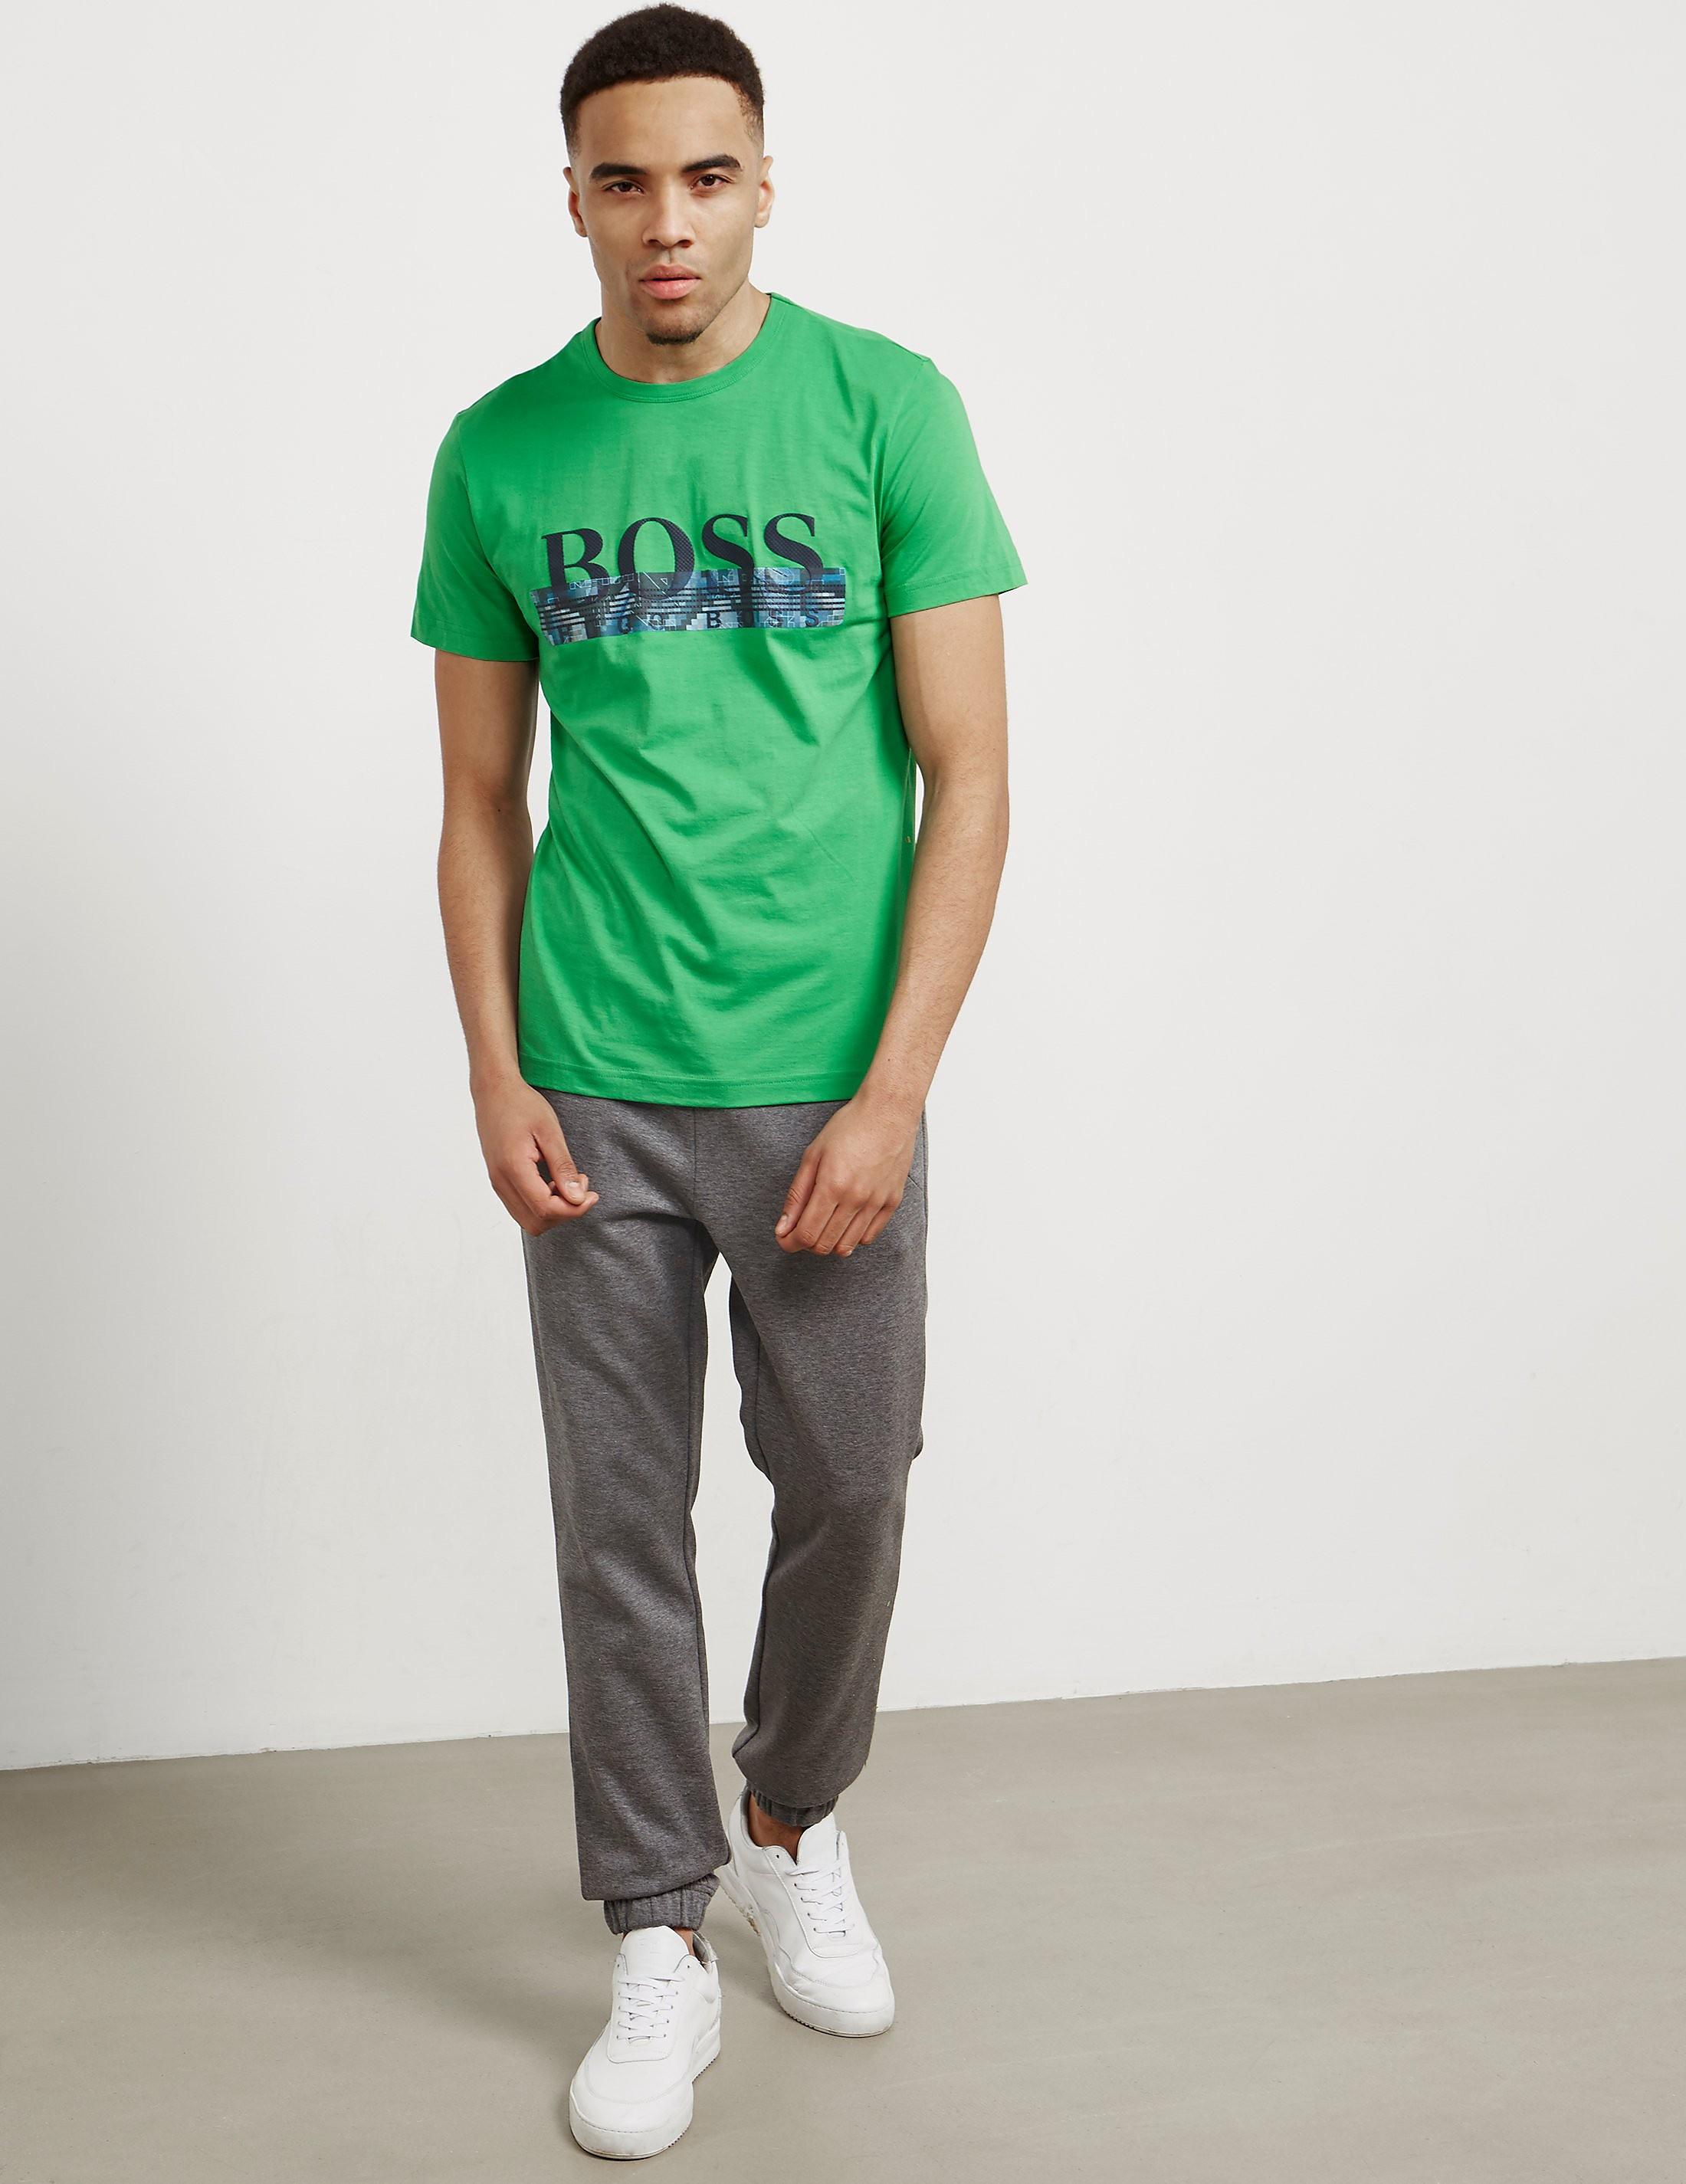 BOSS Green Contrast Logo Short Sleeve T-Shirt